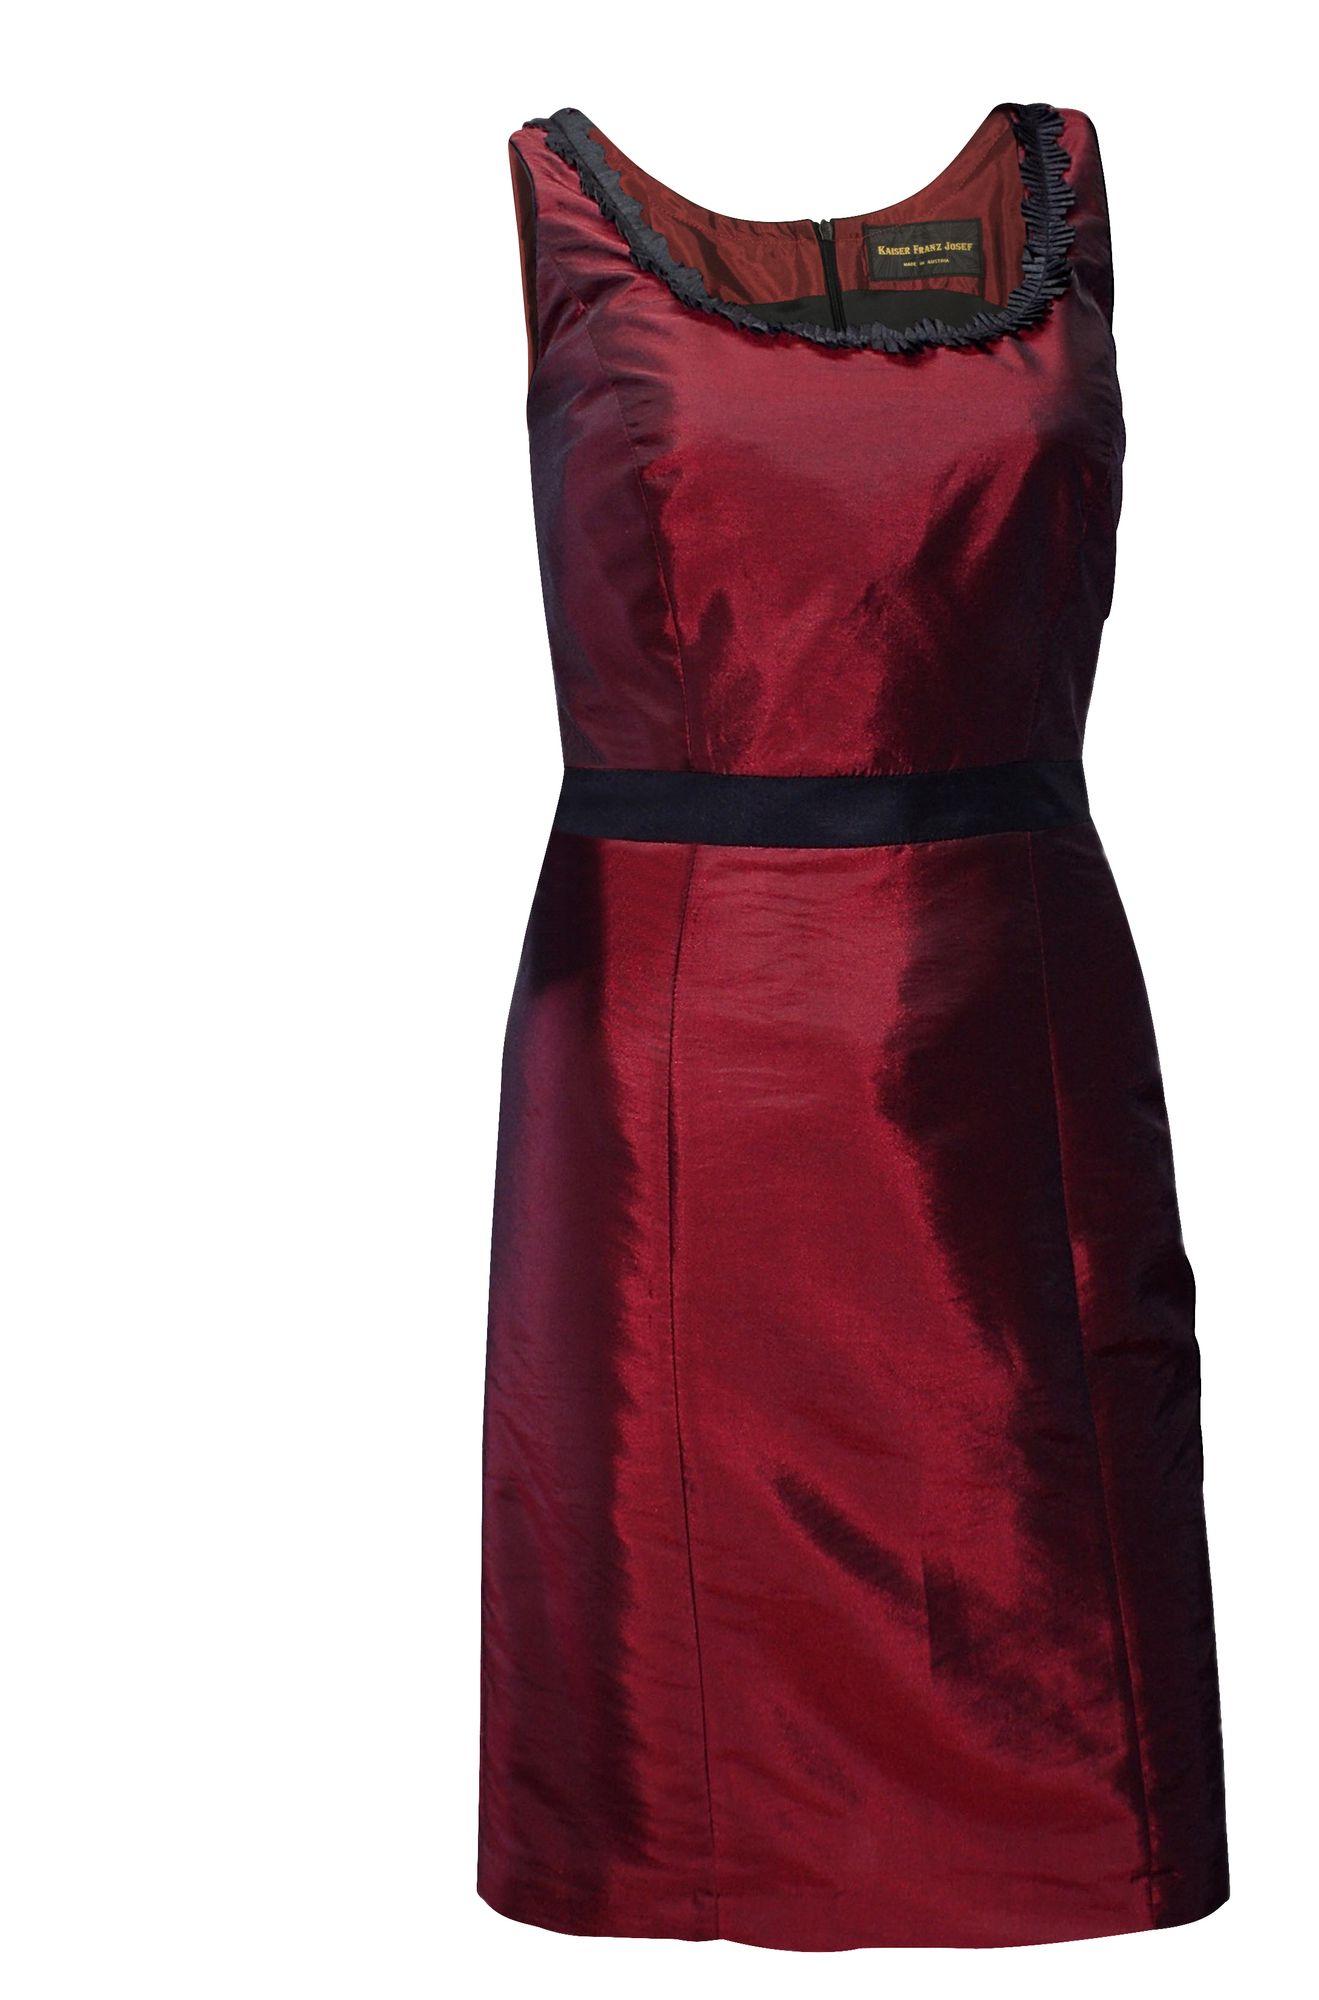 Trachten-Kleid Trachtenkleid Dirndlkleid Dirndl Etuikleid Taft dunkelrot  rot  Trachten-Mayr Kostenloser Versand und Rückversand für Deutschland